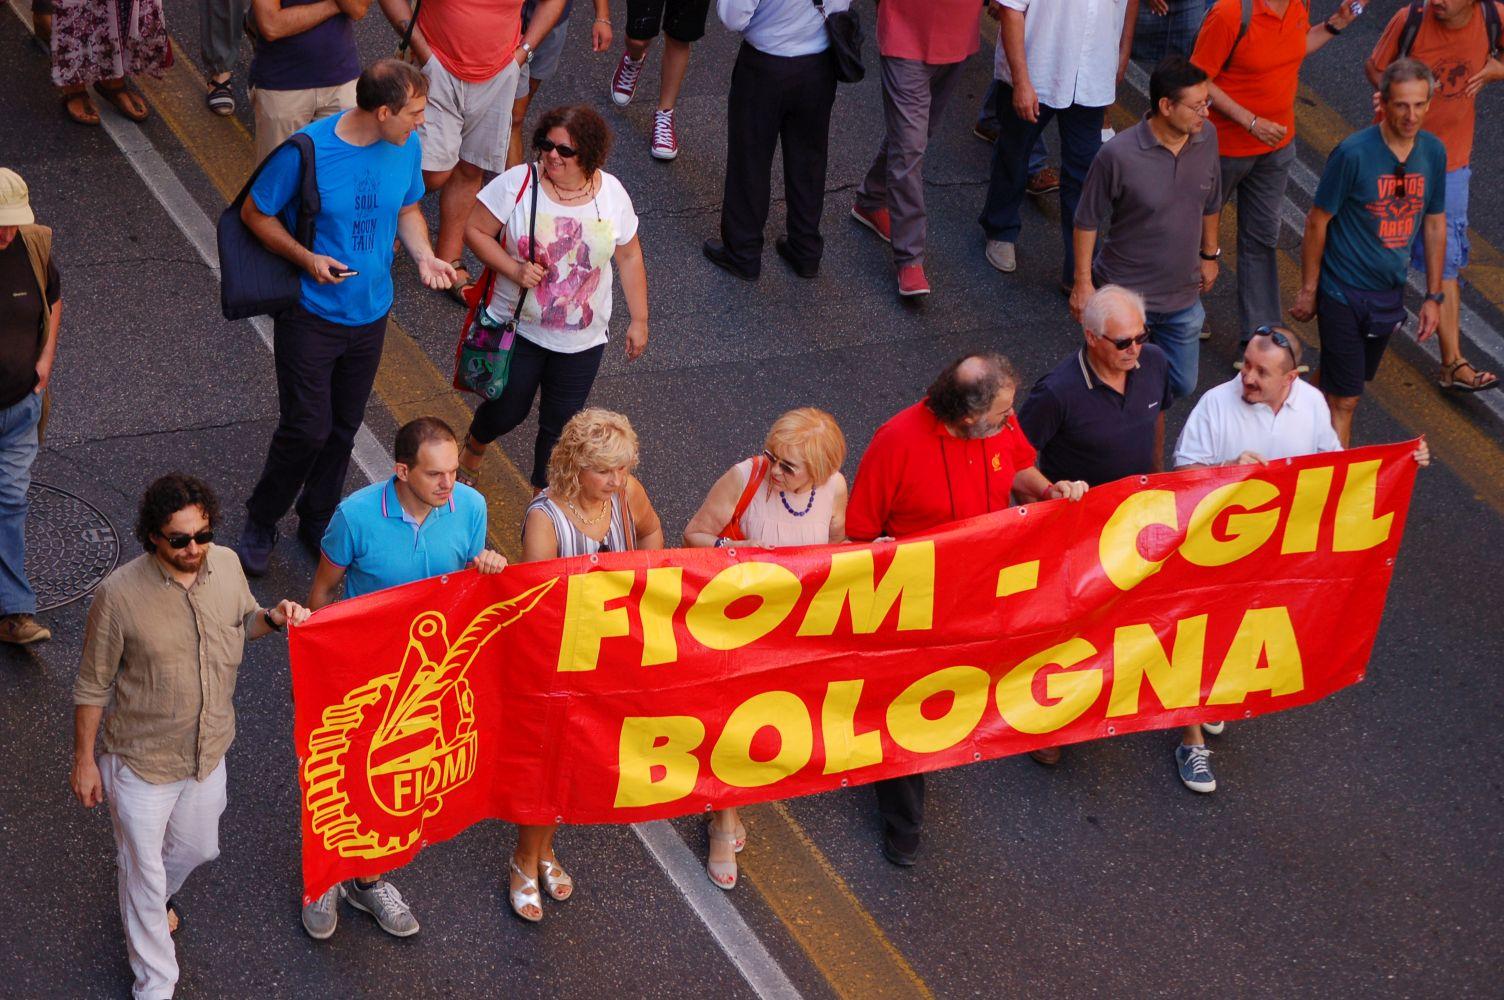 Fiom Bologna striscione 2 agosto 2016